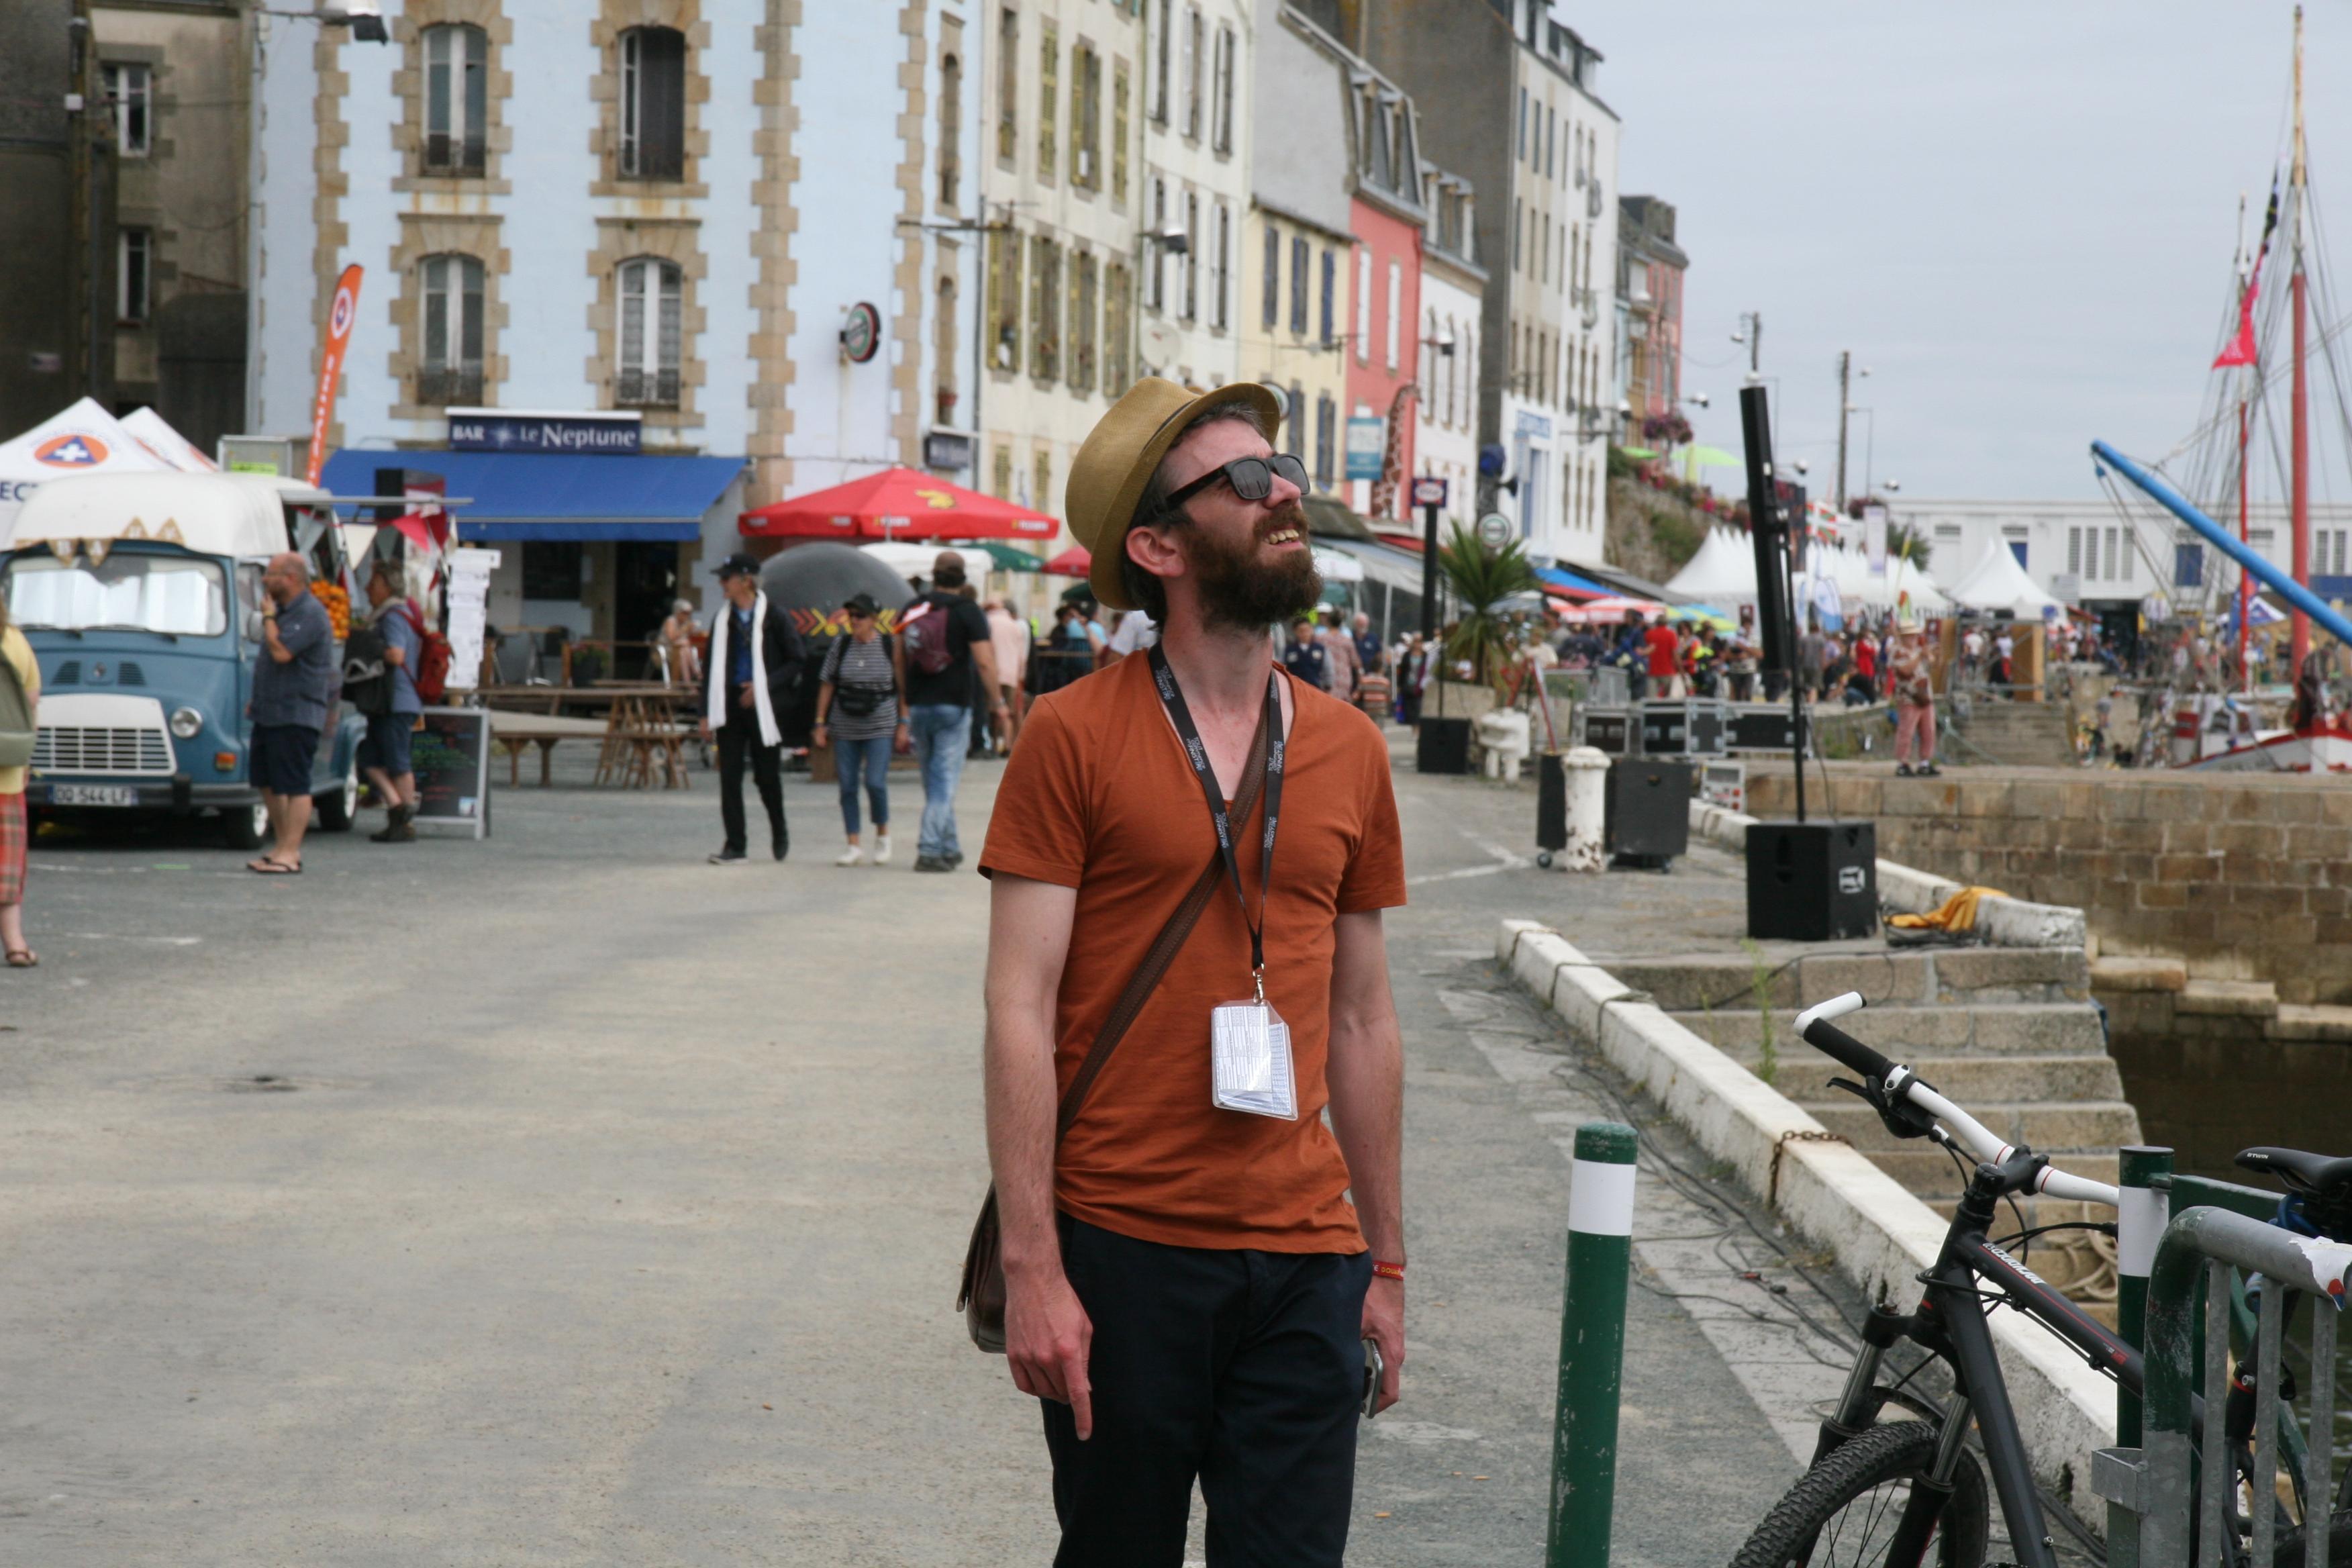 Temps Fête, bénévoles, association, festival, mer, bateaux, gréements, Douarnenez, Finistère